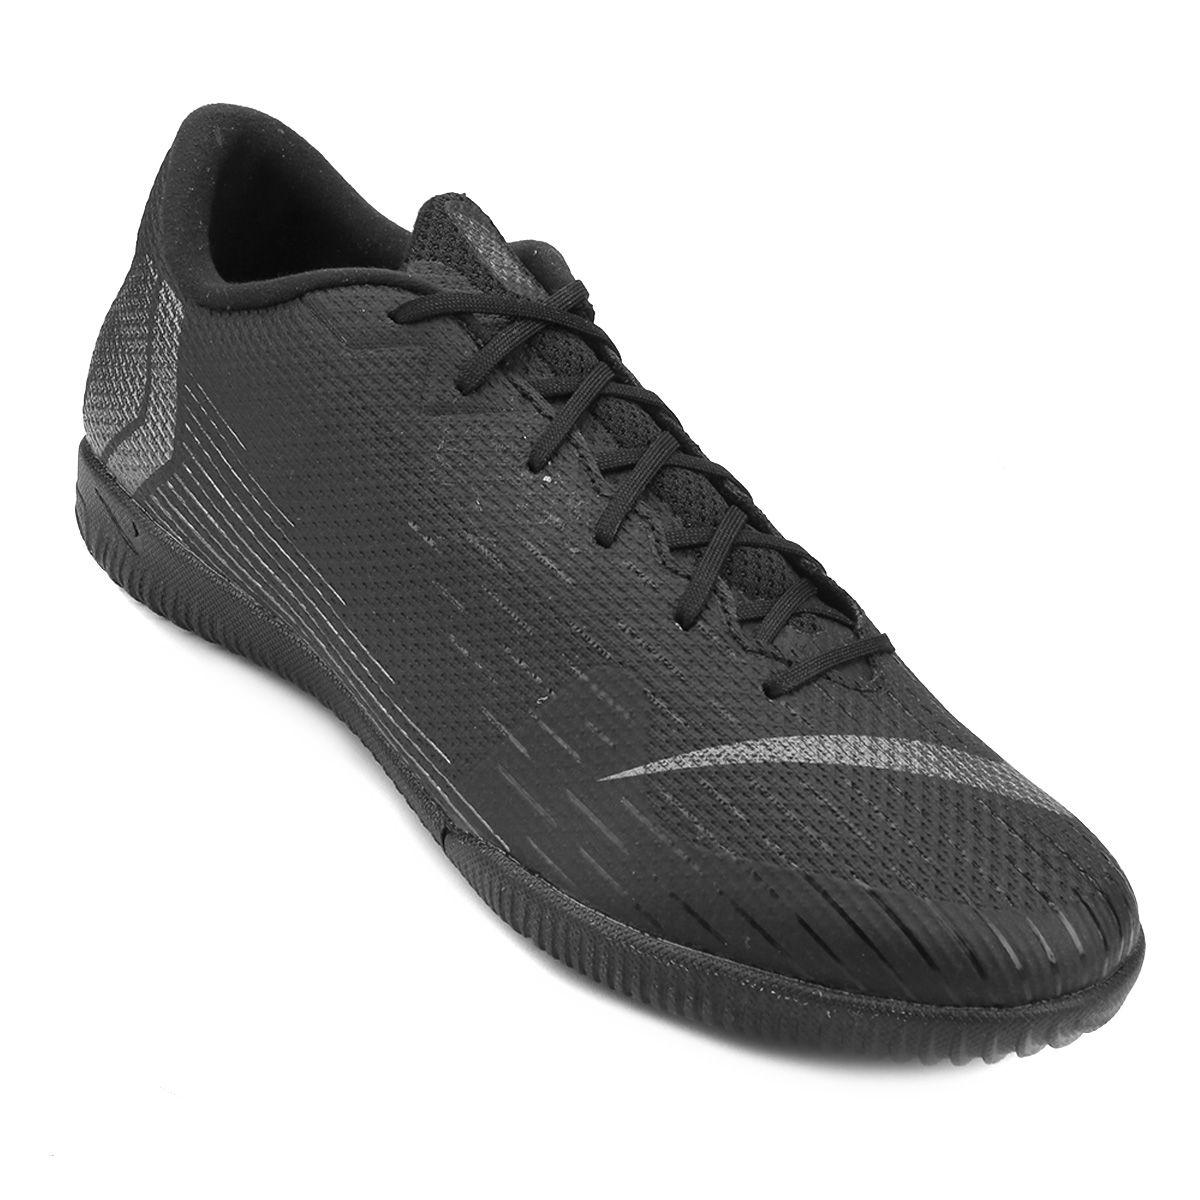 88f1b453c96 Chuteira Futsal Nike Ah7383 Mercurial Vaporx 12 Academy - BRACIA SHOP ...